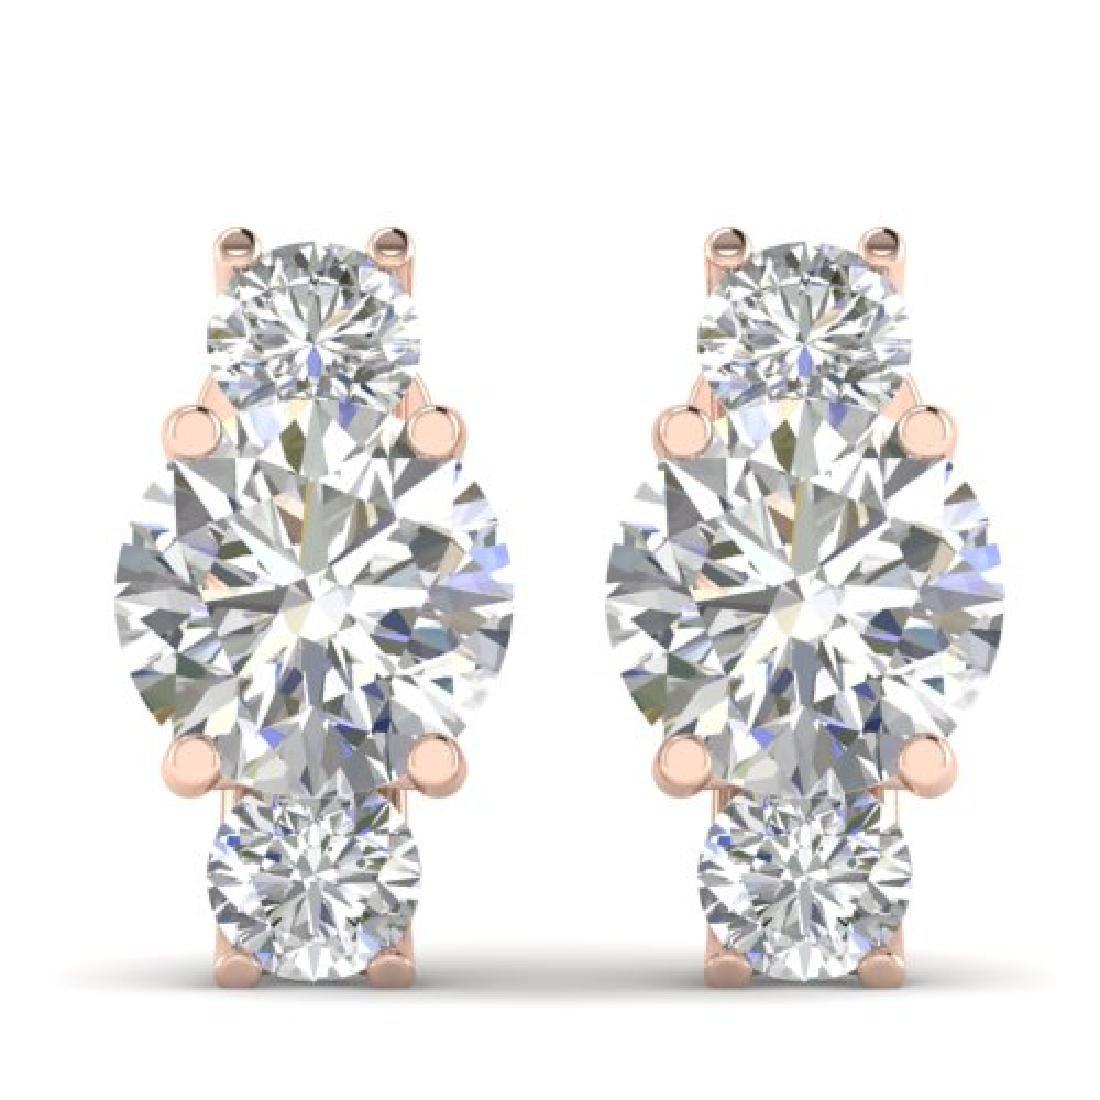 2.9 CTW Certified VS/SI Diamond 3 Stone Stud Earrings